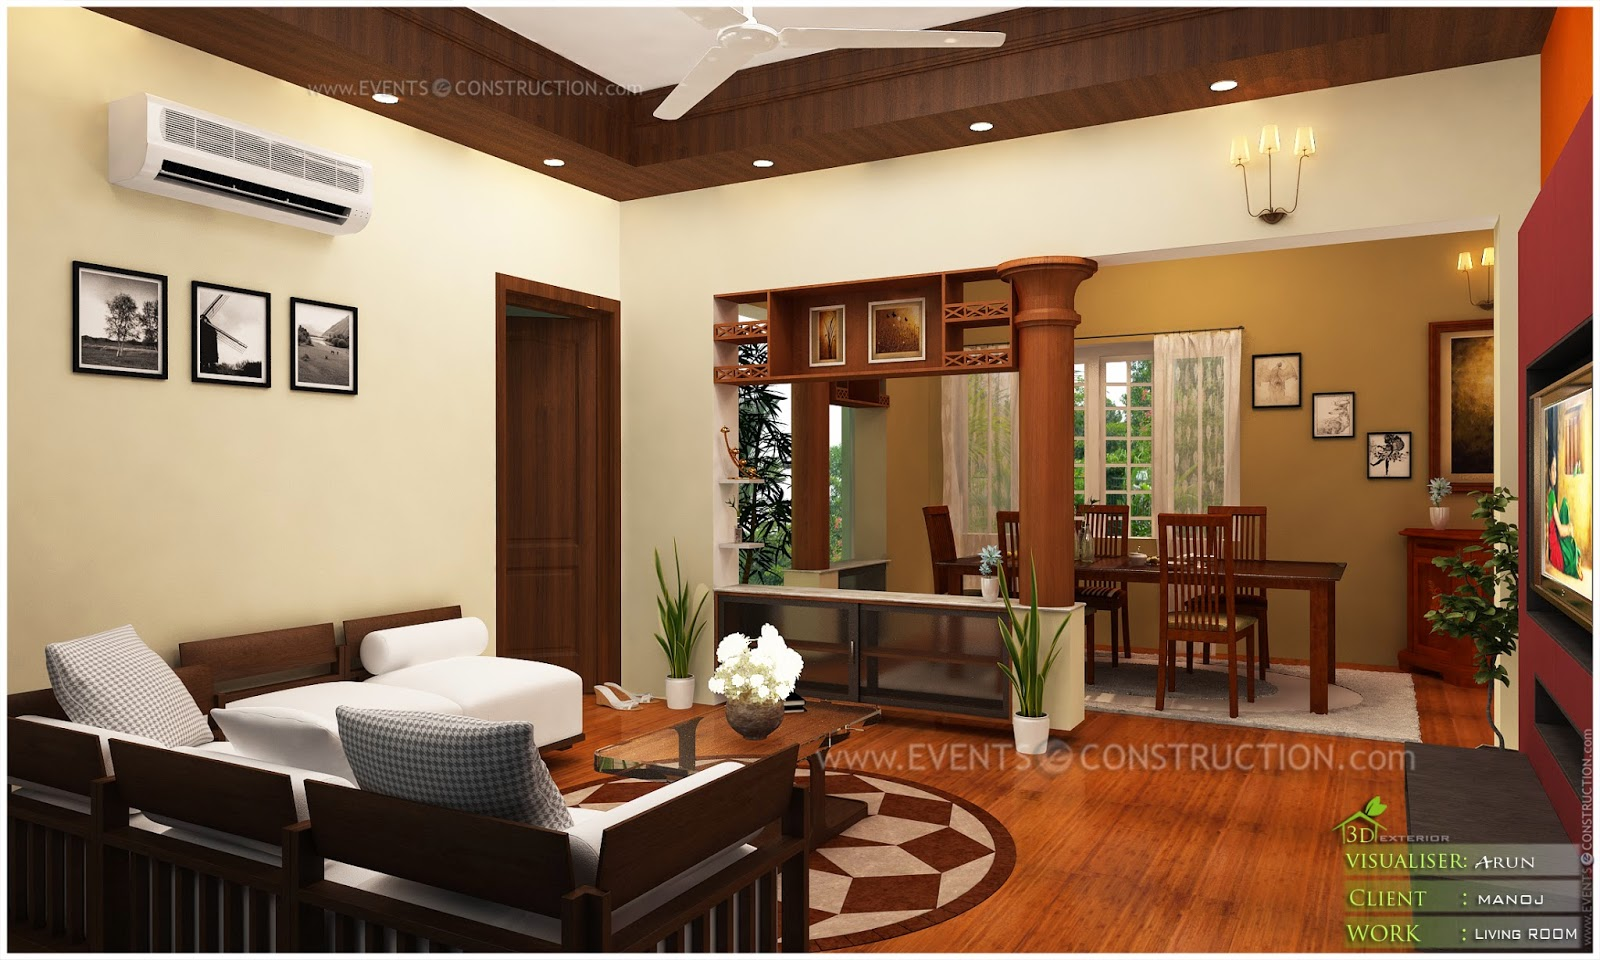 Evens Construction Pvt Ltd: Living room designed for ...